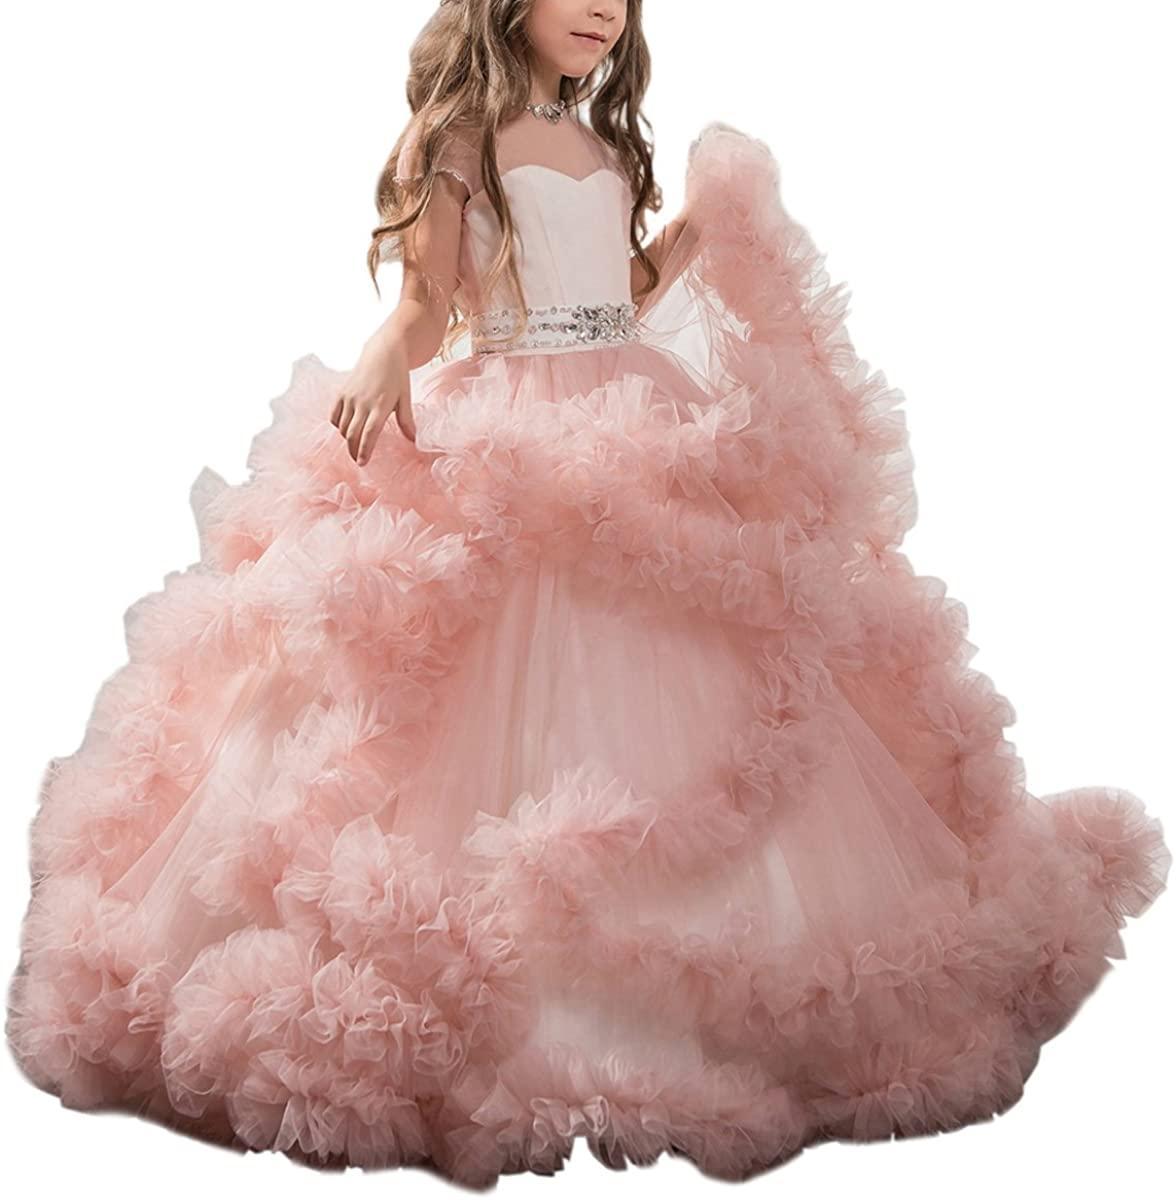 Flower Girl Dress Stunning in rilievo di lusso di spettacolo di cerimonia nuziale sfera di Tulle abiti per le ragazze